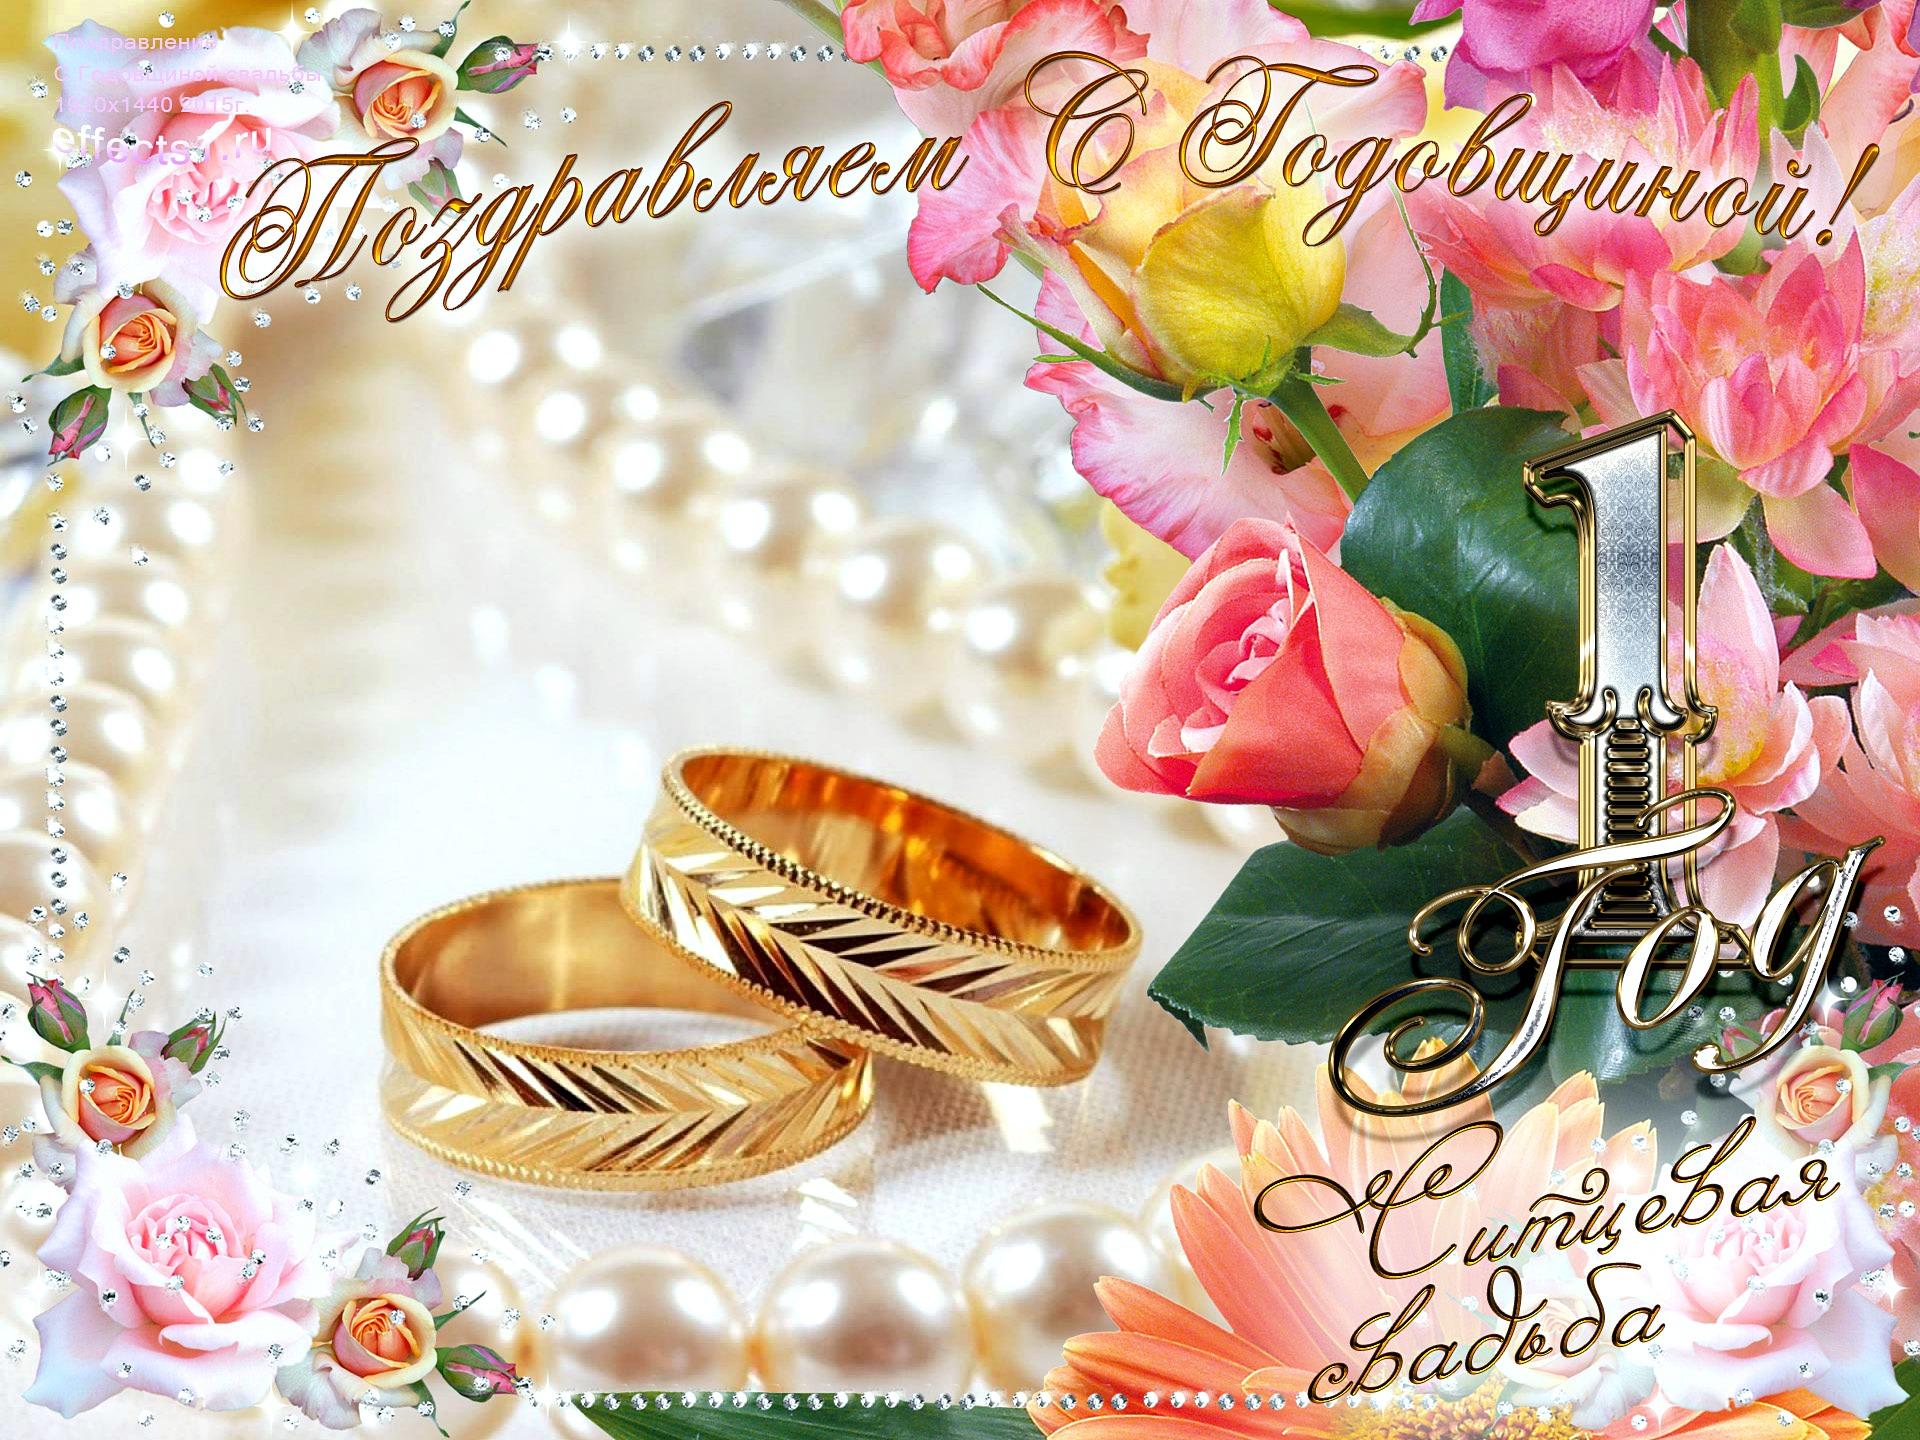 Поздравление открытка 1 год свадьбы